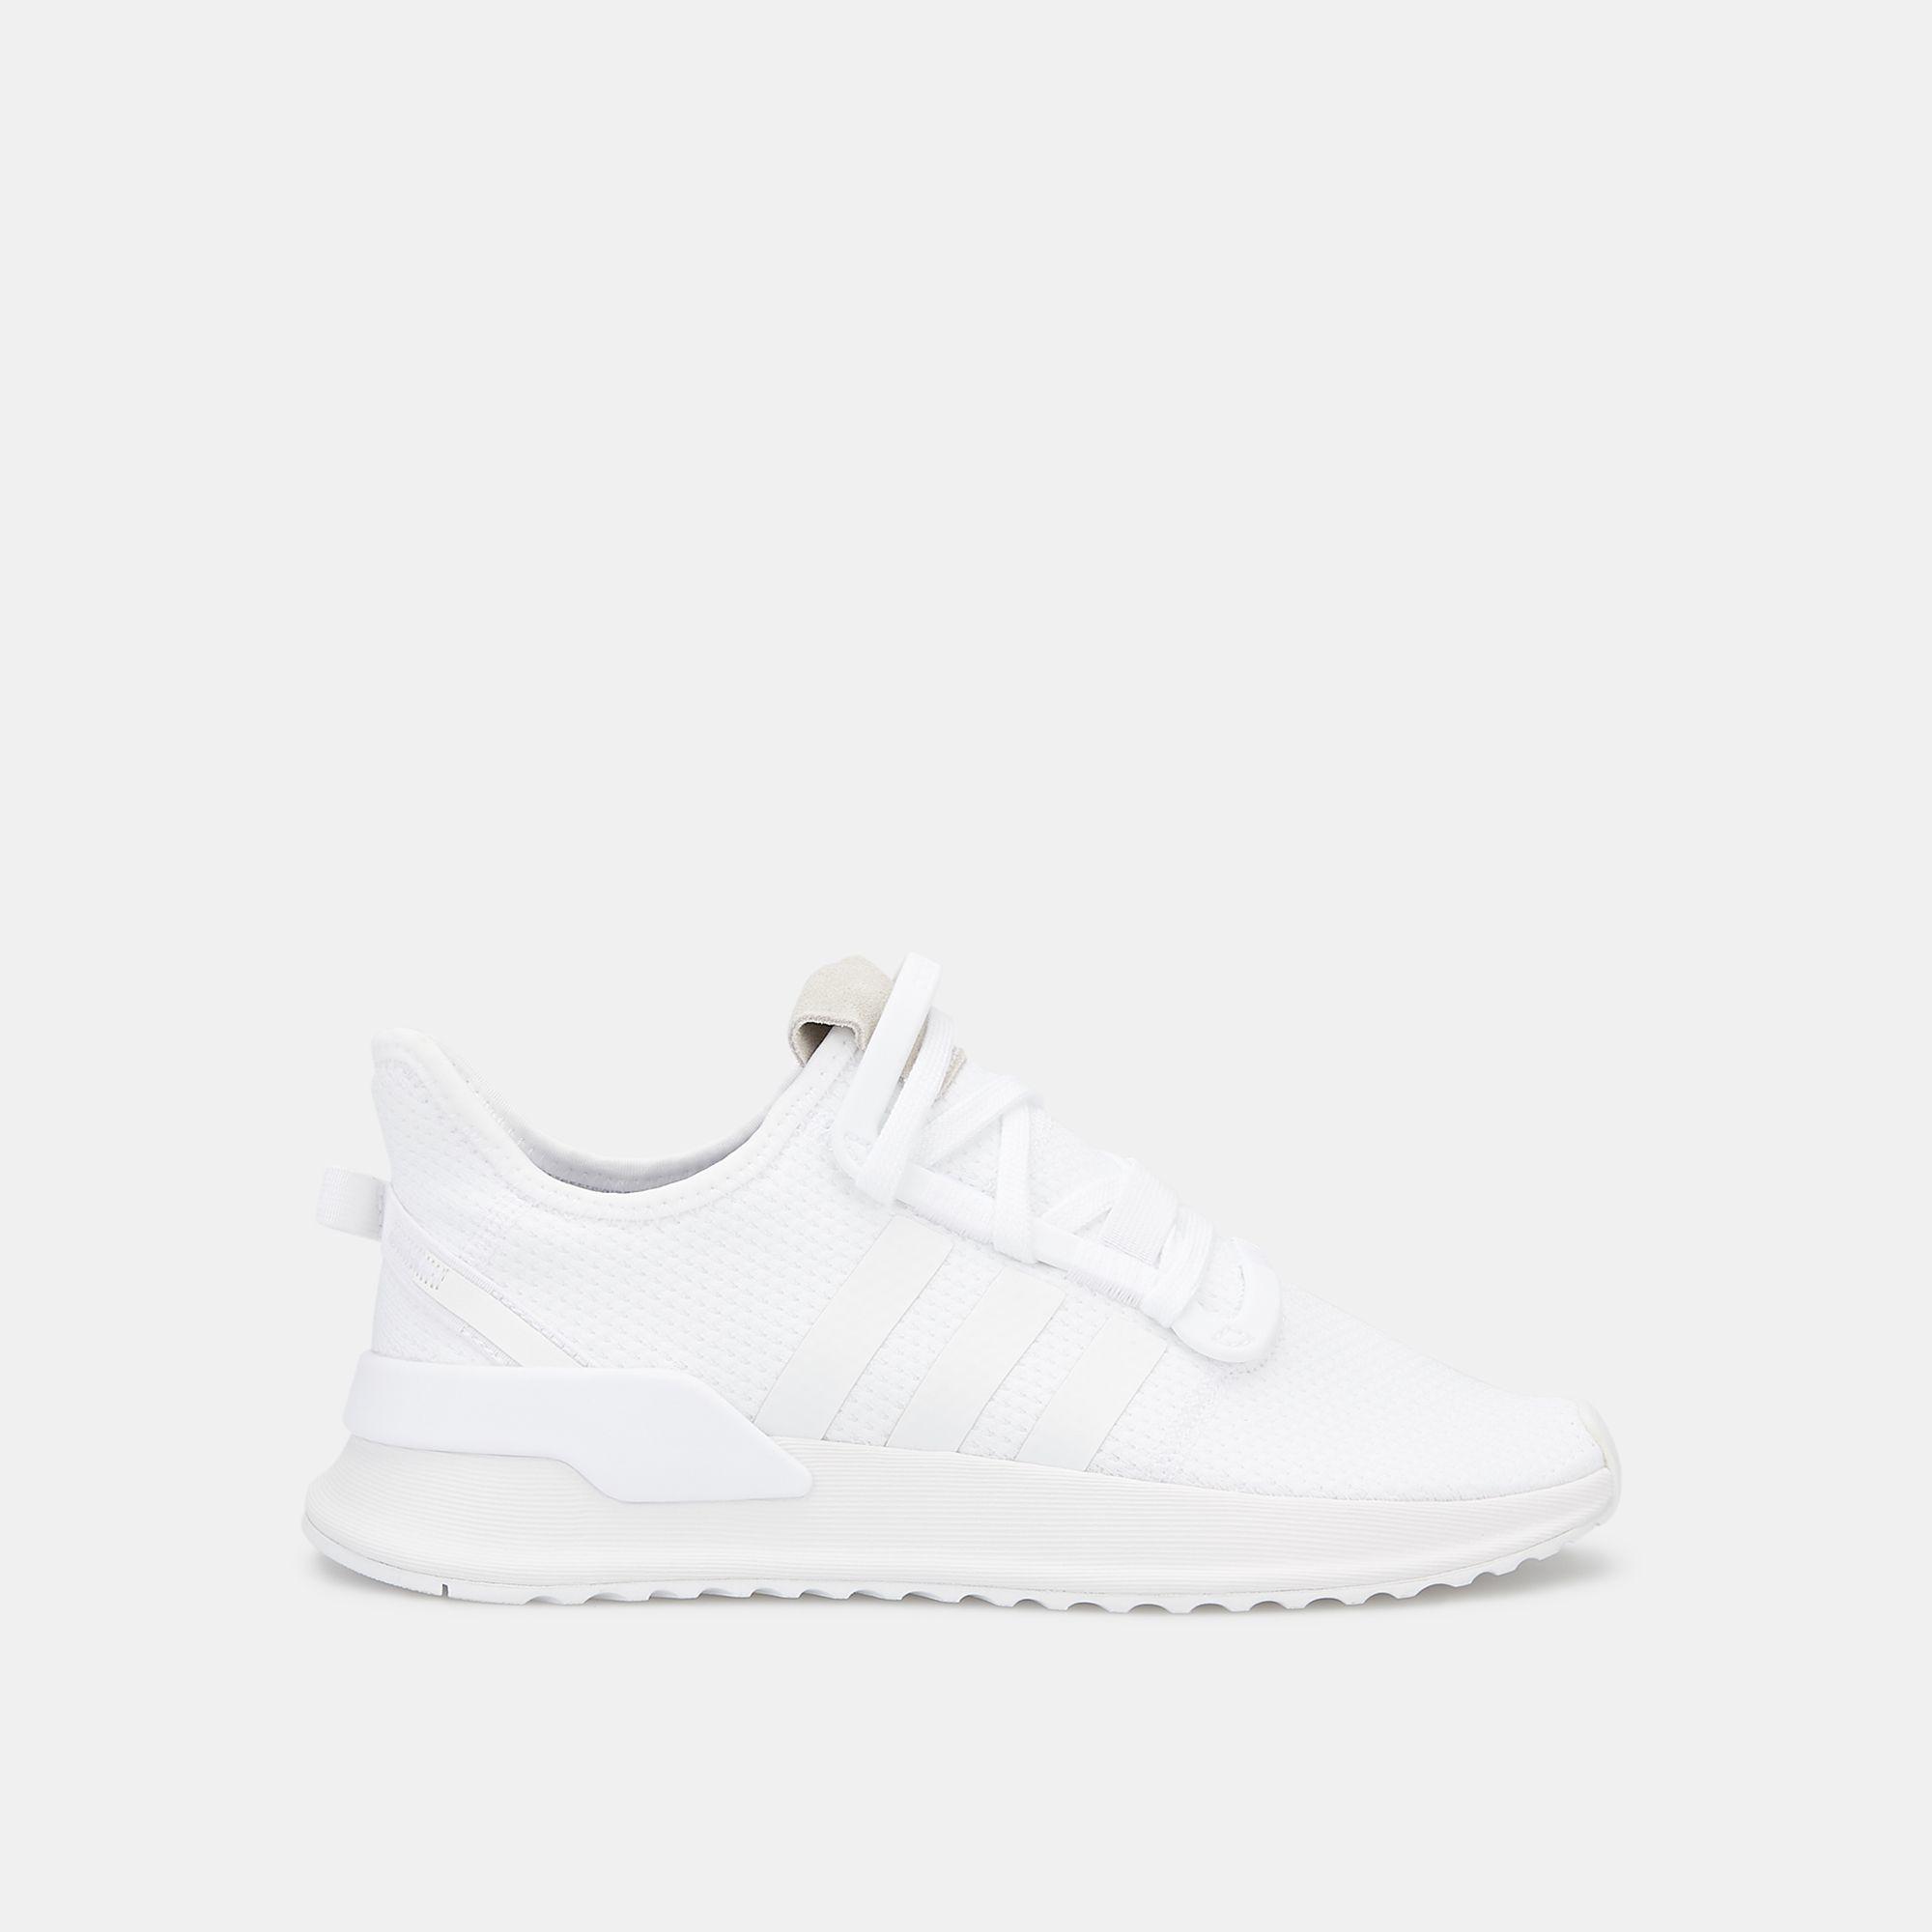 Ebay Am billigsten adidas Originals I 5923 Lifestyle Schuhe